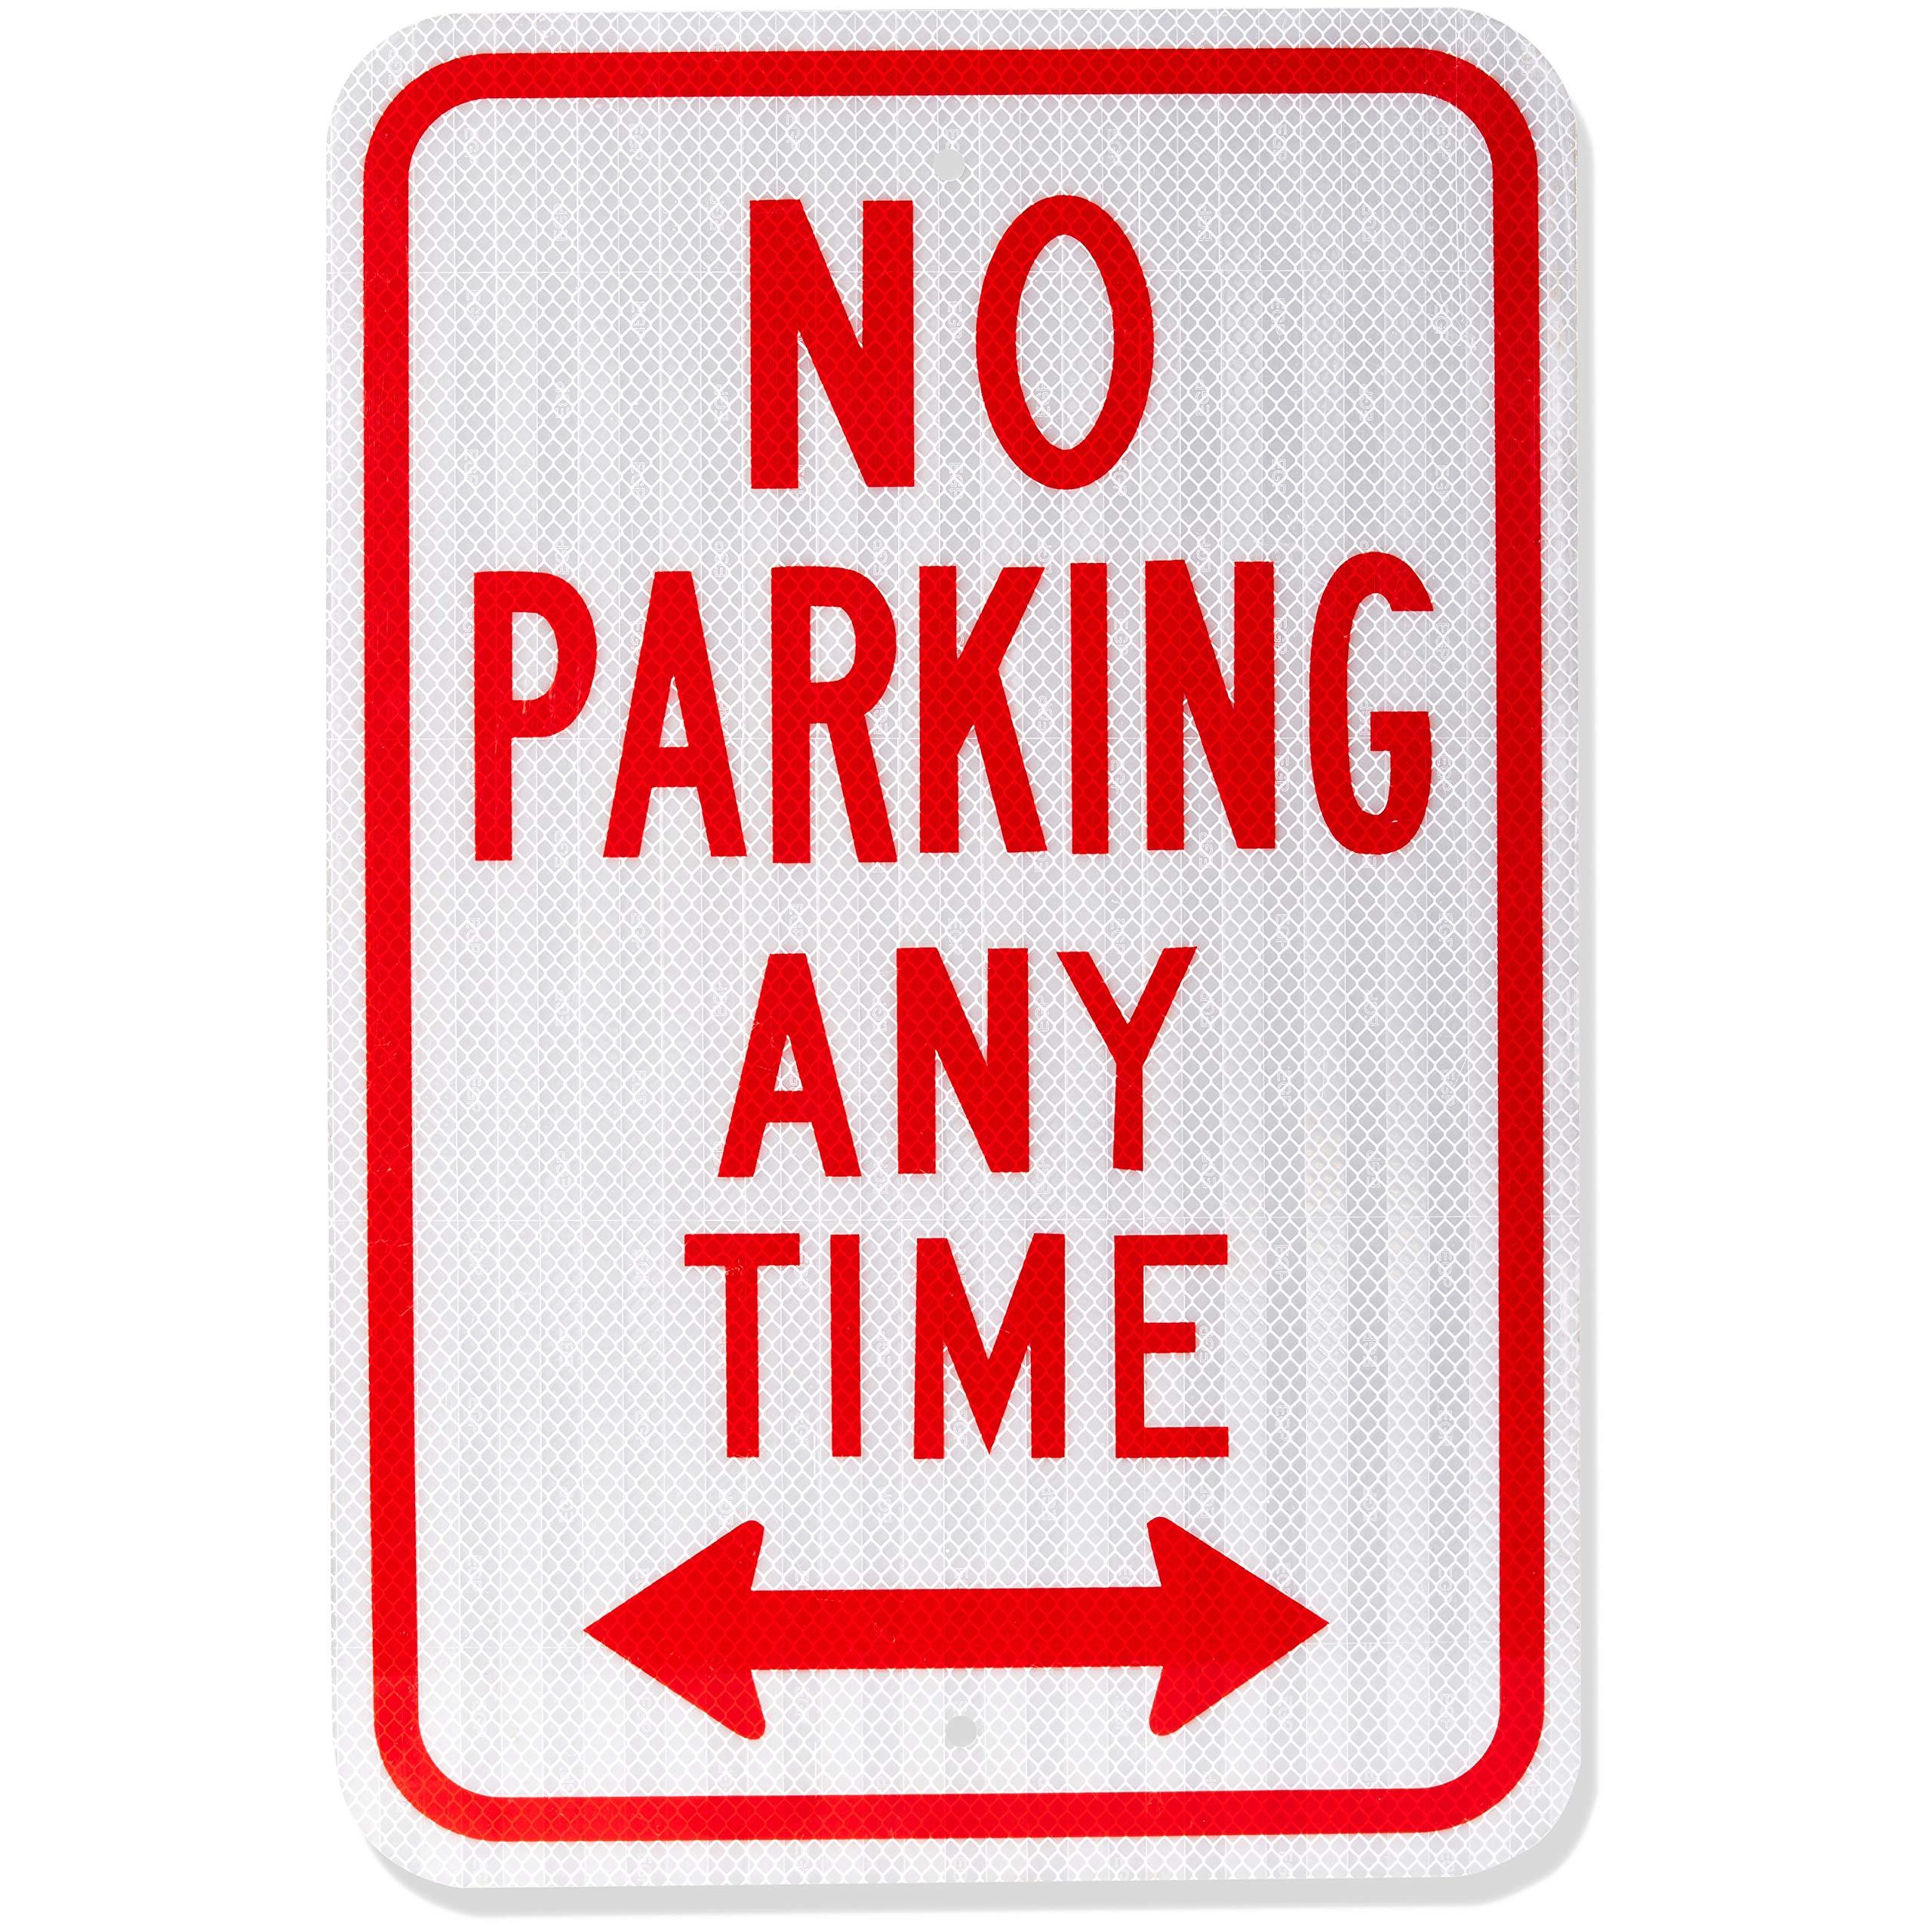 AmazonBasics No Parking Sign, No Parking Anytime, 18'' x 12''